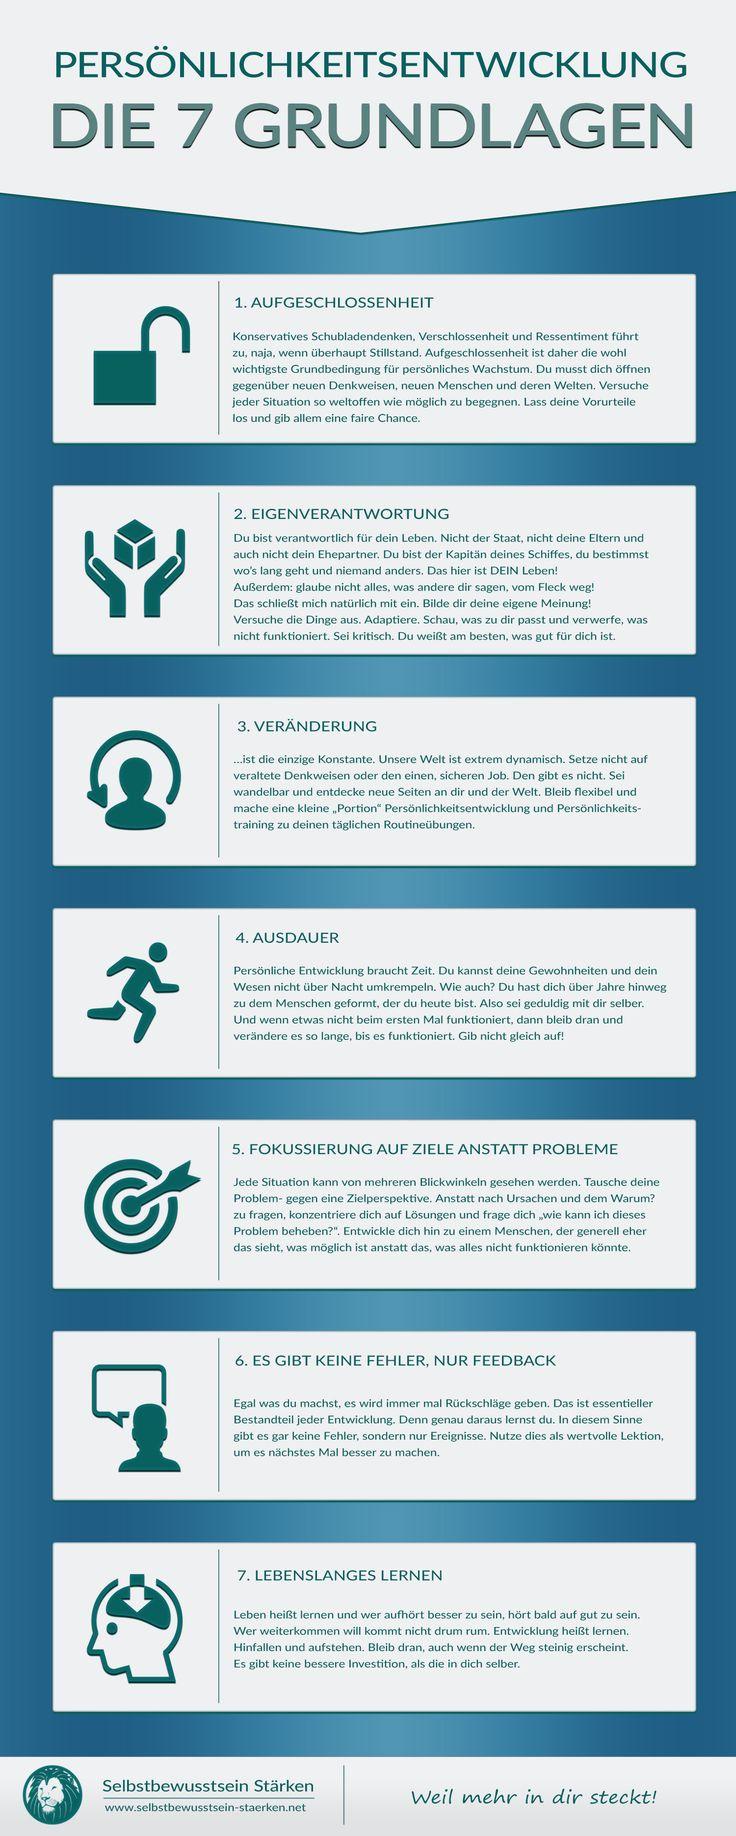 Die 7 Grundlagen der Persönlichkeitsentwicklung